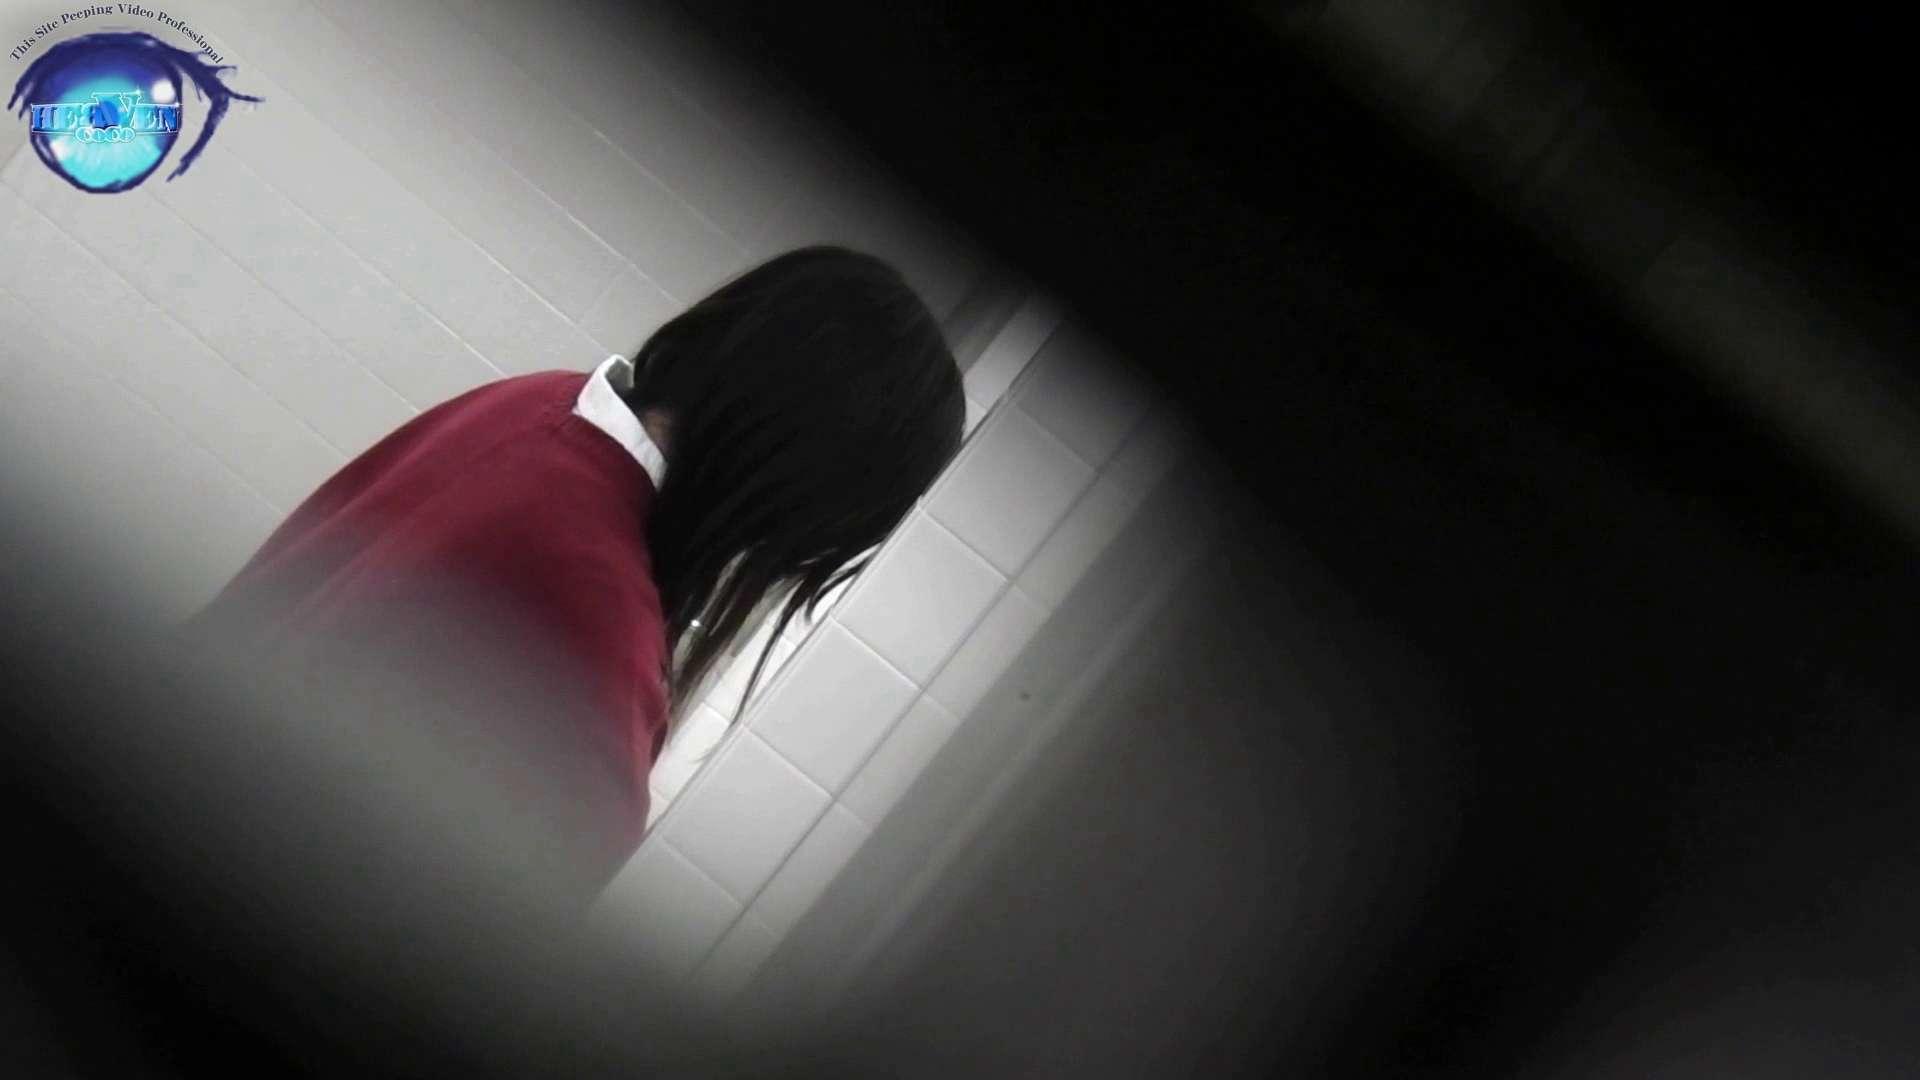 お銀さん vol.59 ピンチ!!「鏡の前で祈る女性」にばれる危機 後編 0   0  77連発 77